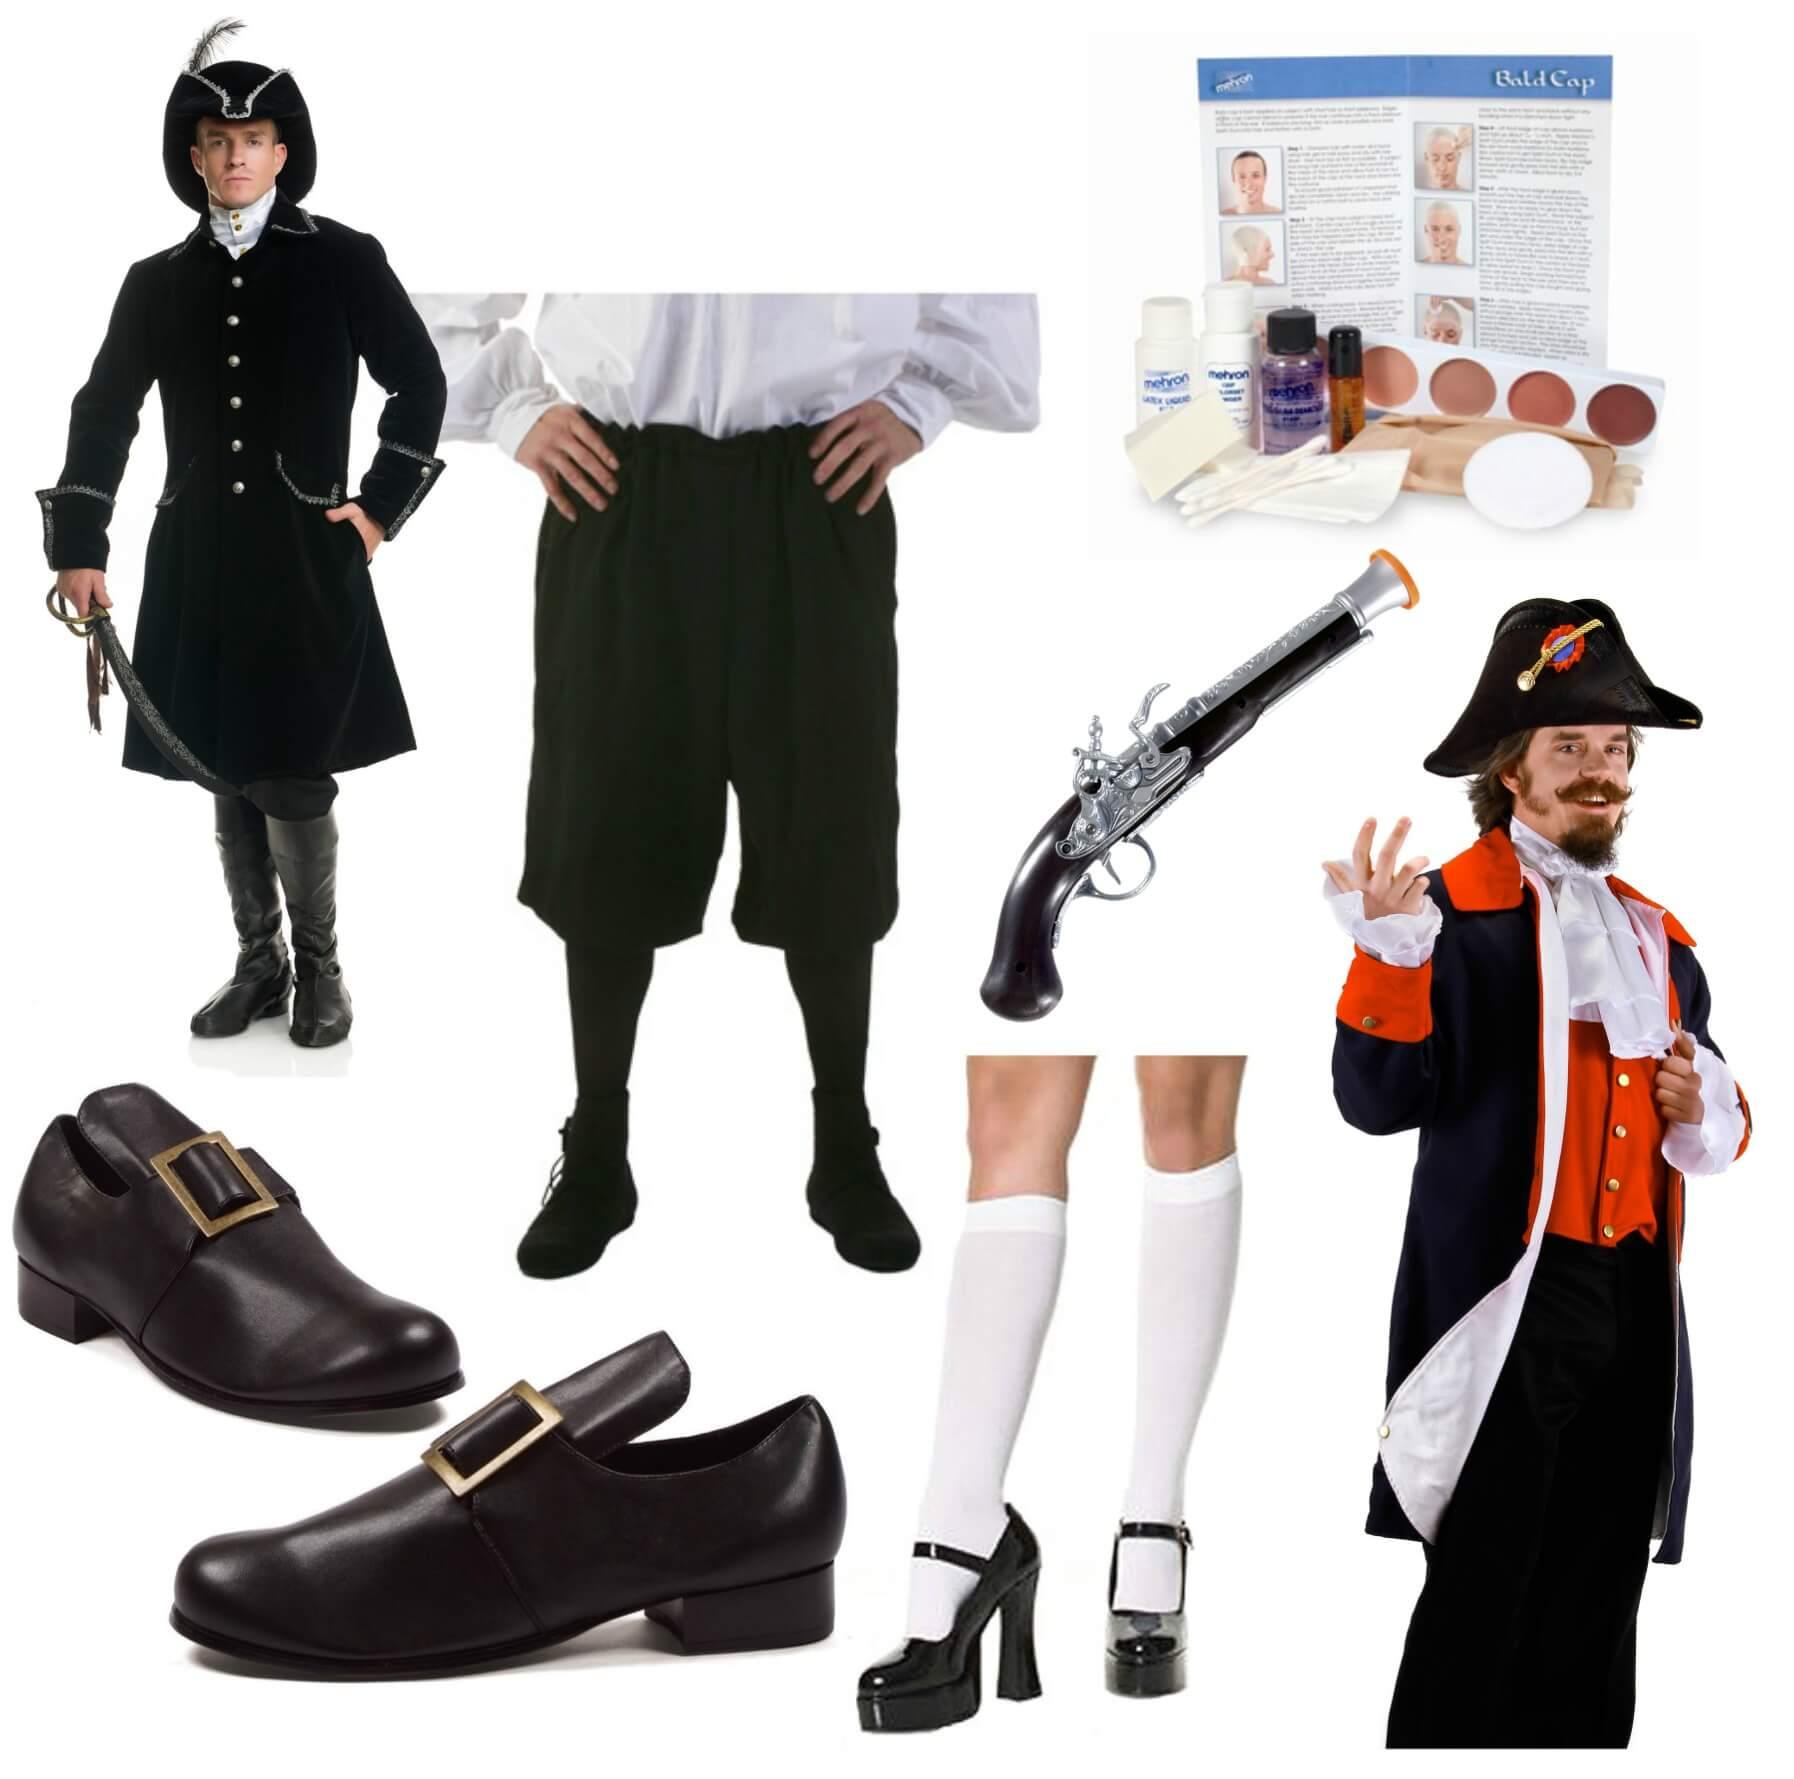 Aaron Burr Halloween Costume